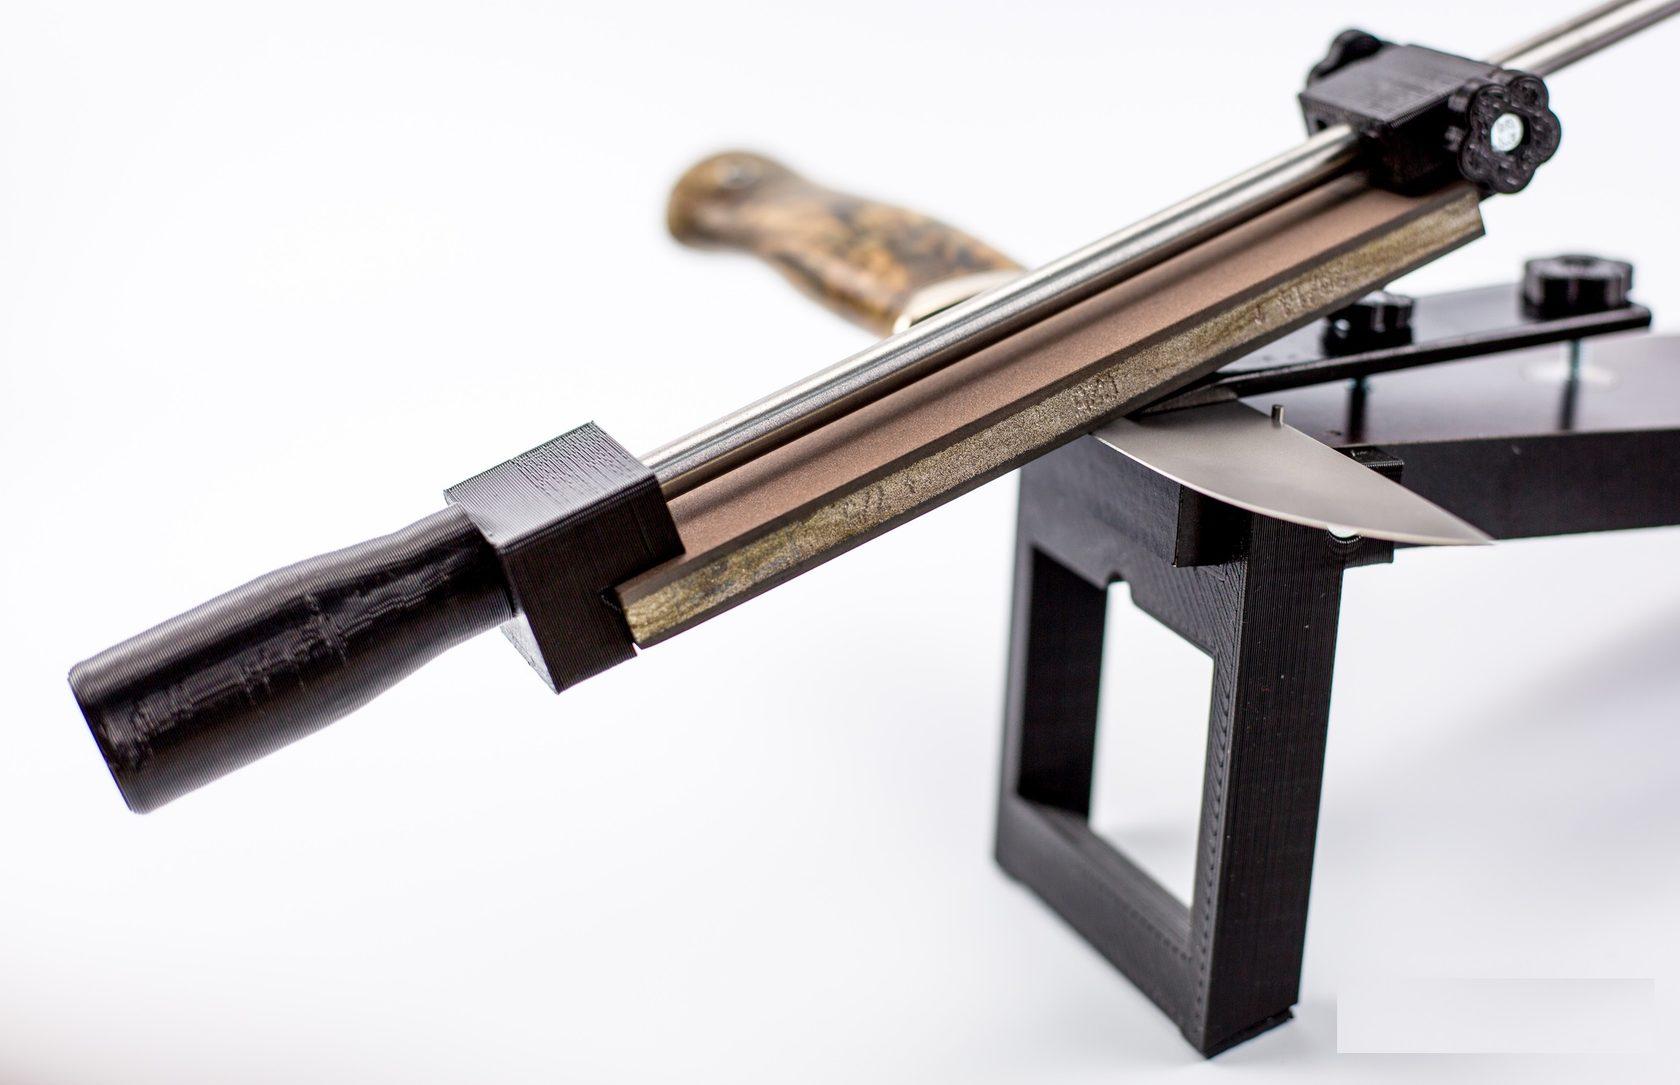 зрачок точилка для ножей картинки современное искусство